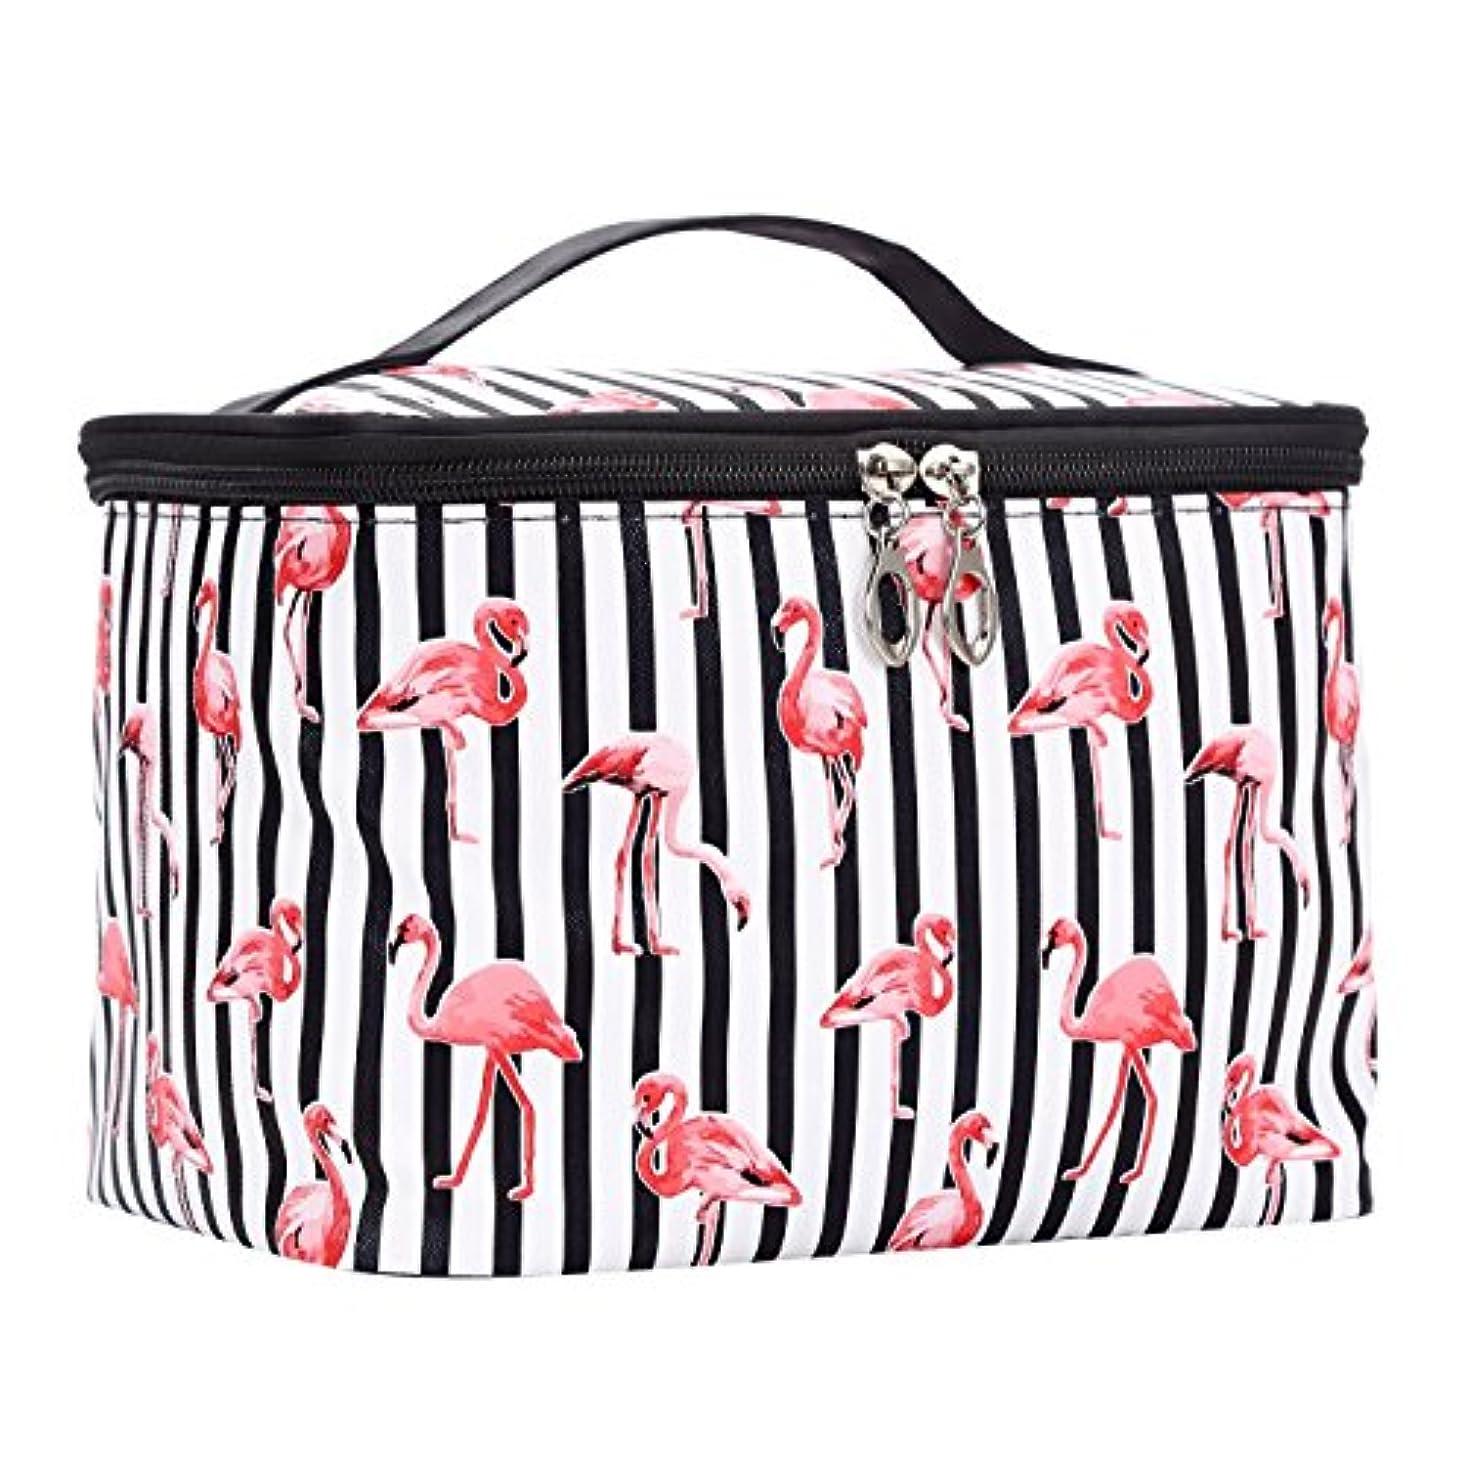 無意識郵便物安西HOYOFO 化粧ポーチ メイクバッグ バニティケース 小物入れ 旅行 折り畳み 大容量 機能的 フラミンゴ PU